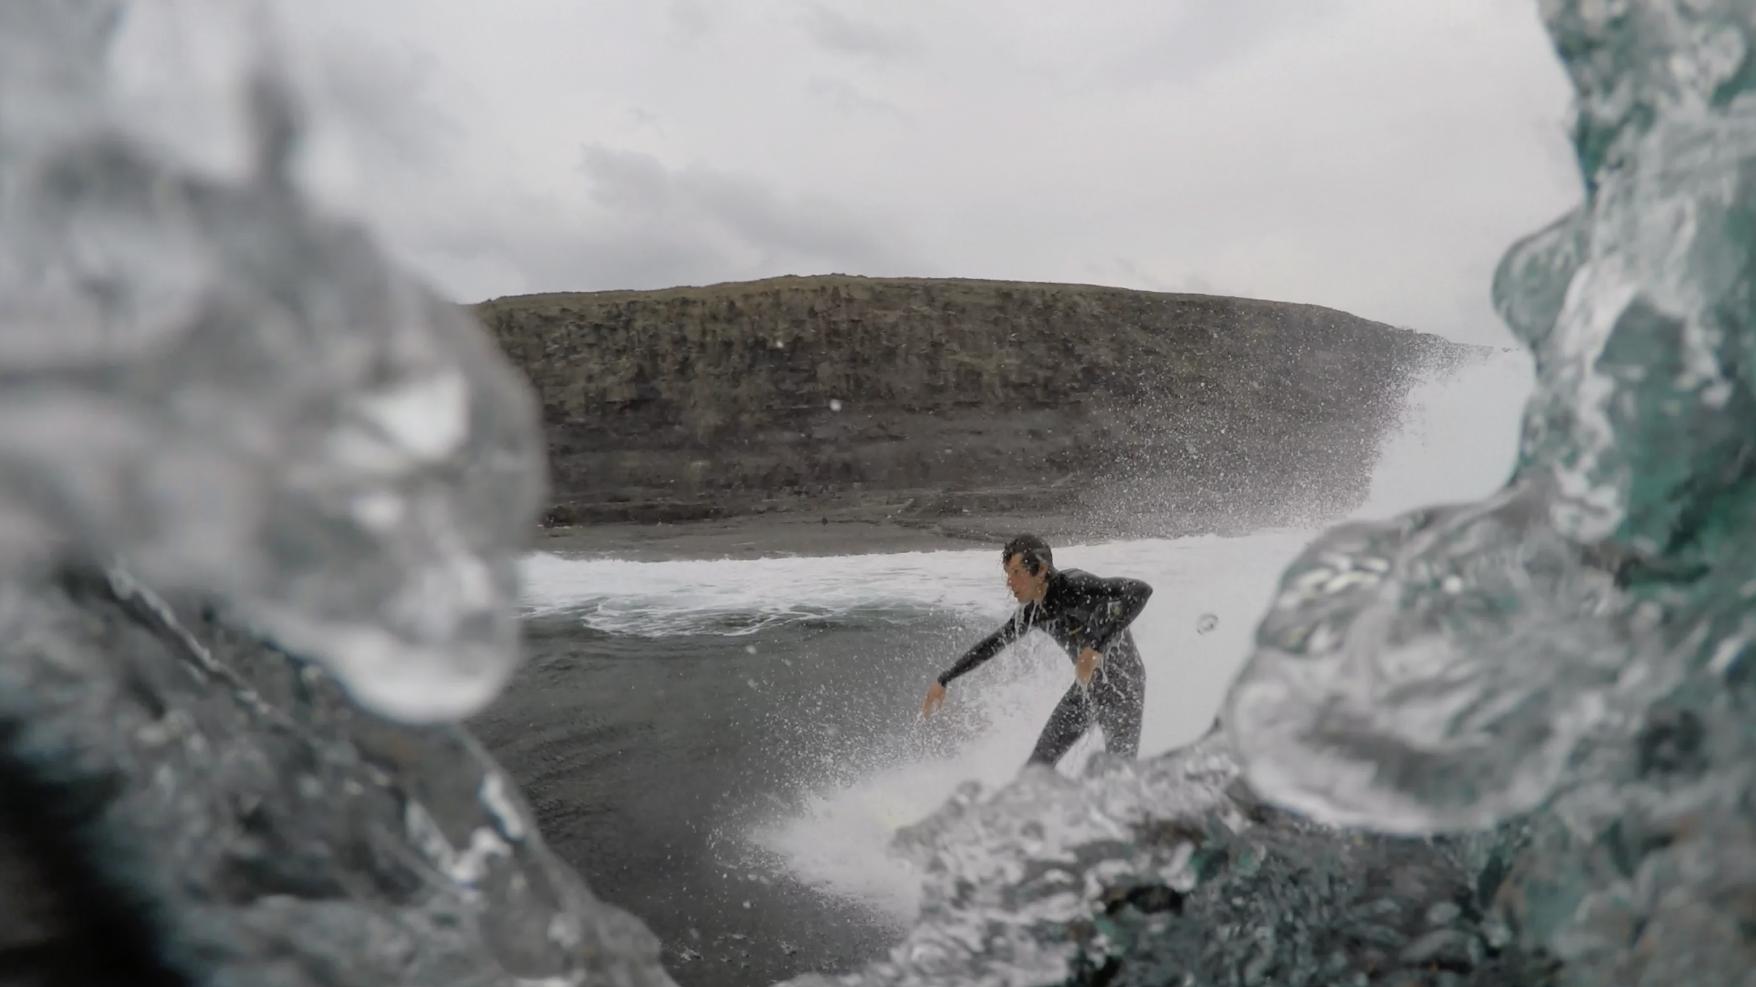 Ferg on a fun wave